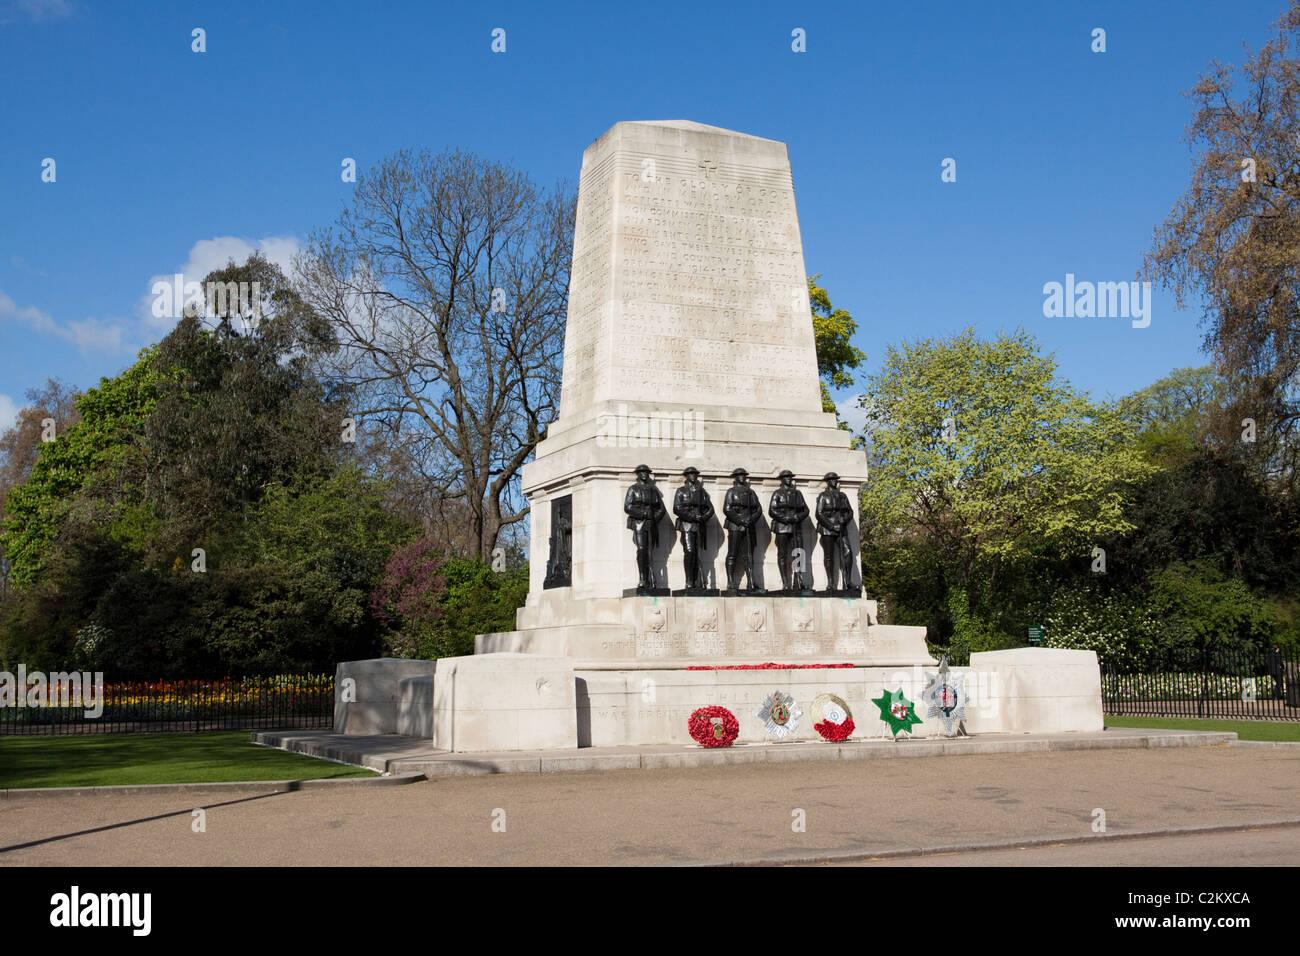 Guards Memorial, Horse Guards Parade,London, England, UK - Stock Image